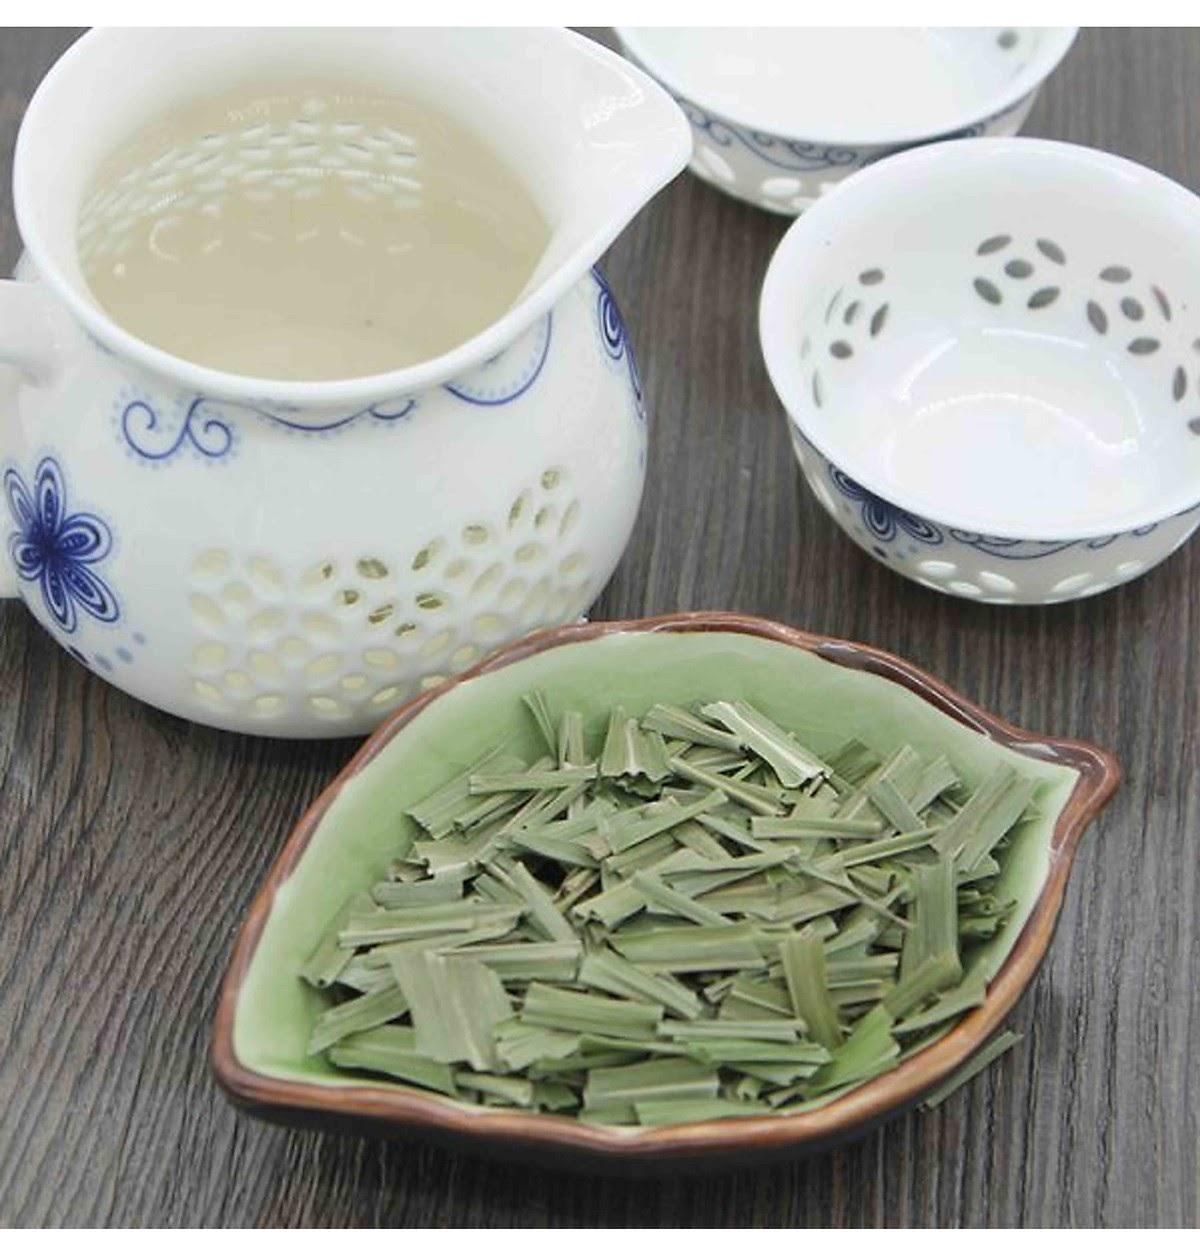 Tỏa Trà - Trà Cỏ Sả Chanh - Trà cỏ sả chanh